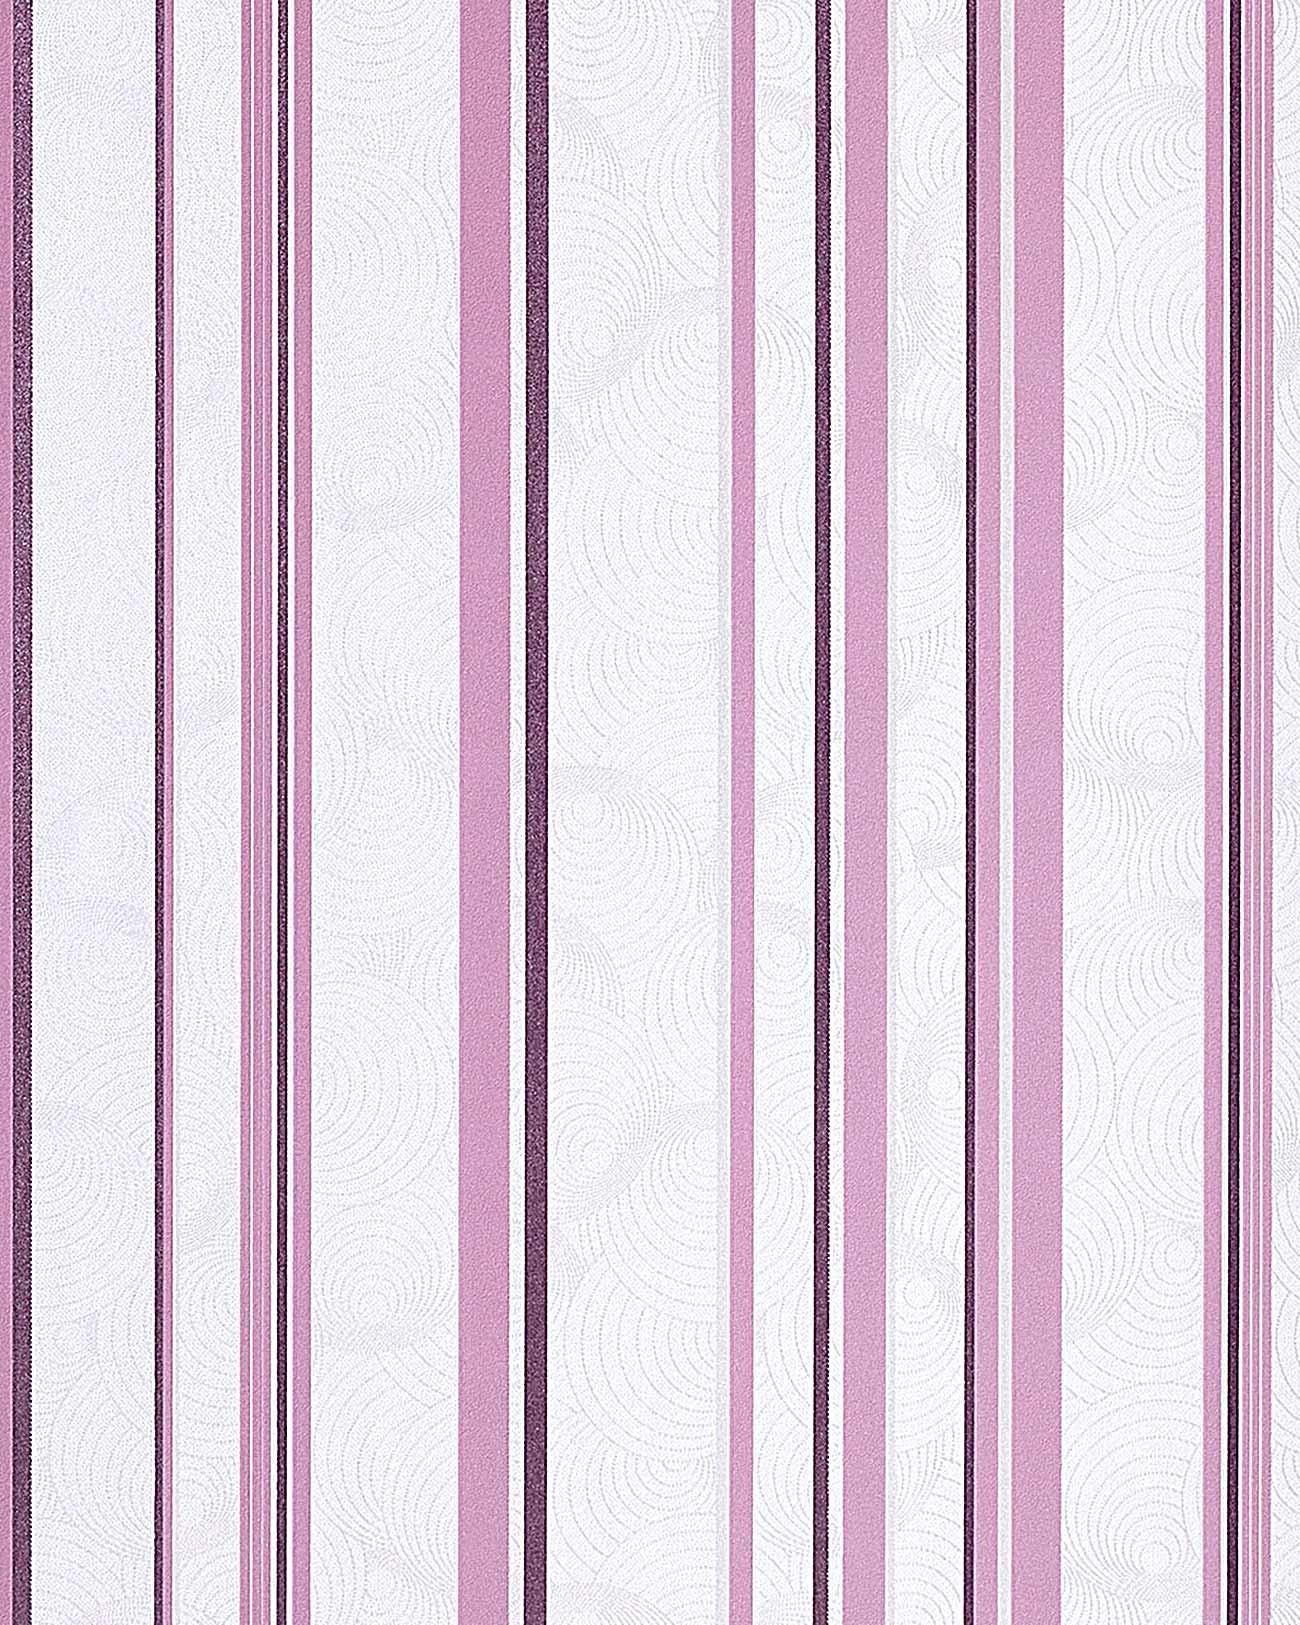 Carta da parati retro a righe con disegno a strisce EDEM 059-24 in ...